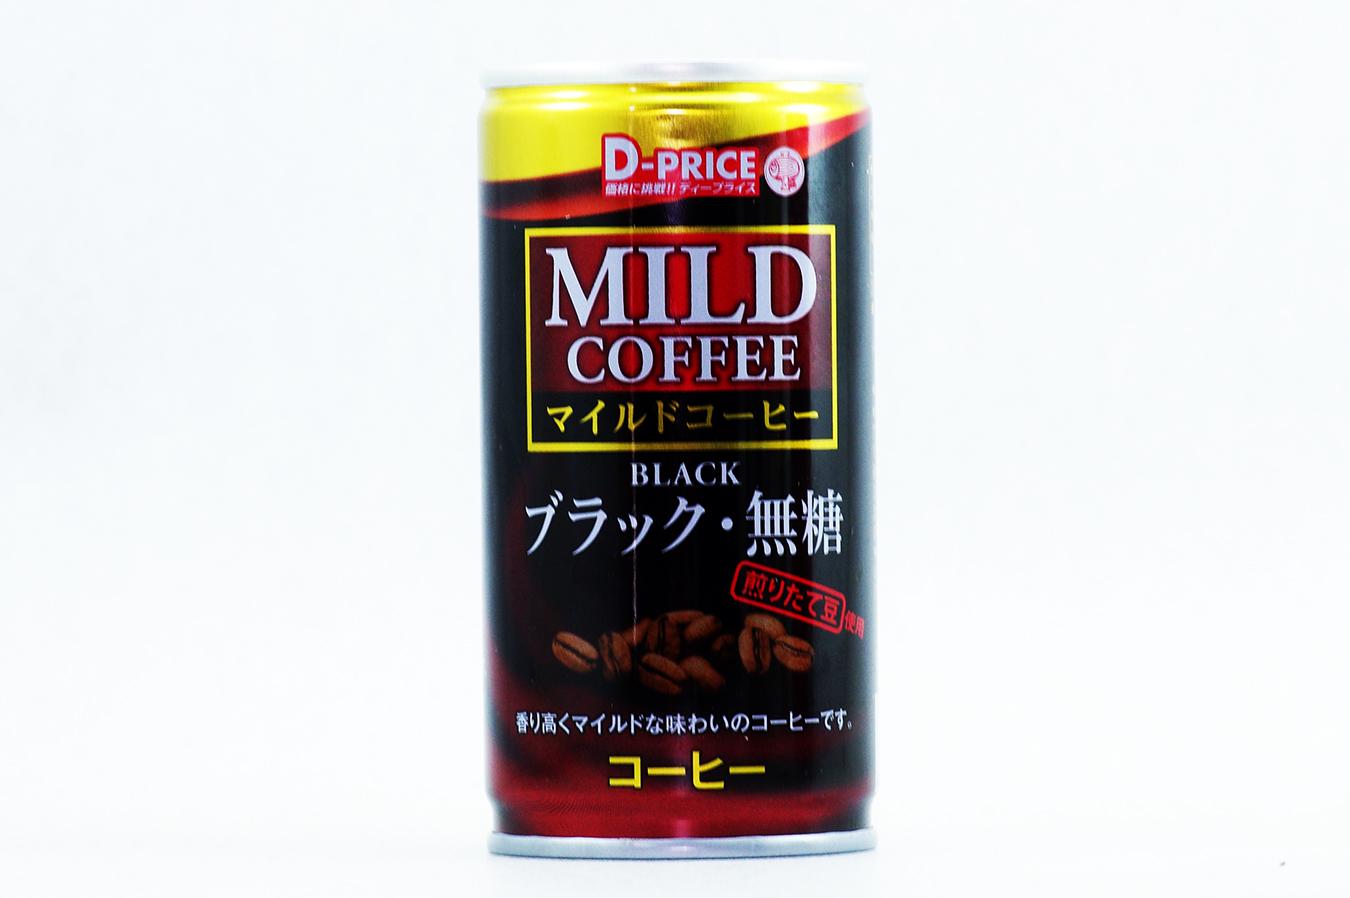 D-PRICE マイルドコーヒー ブラック・無糖 2017年11月